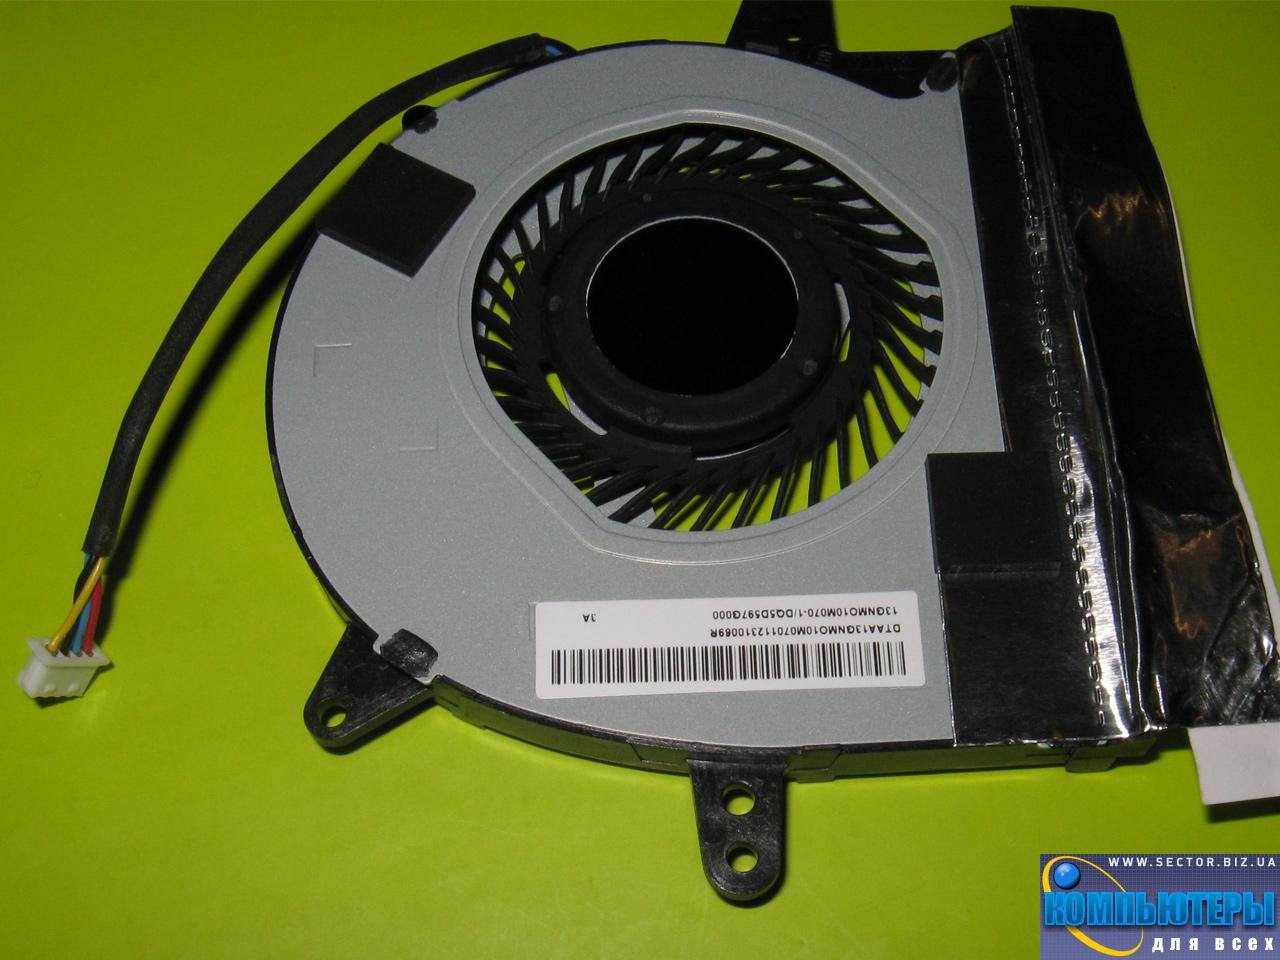 Кулер к ноутбуку Asus X401U X501U X401V X501V p/n: KSB0705HB-CA72. Фото № 4.